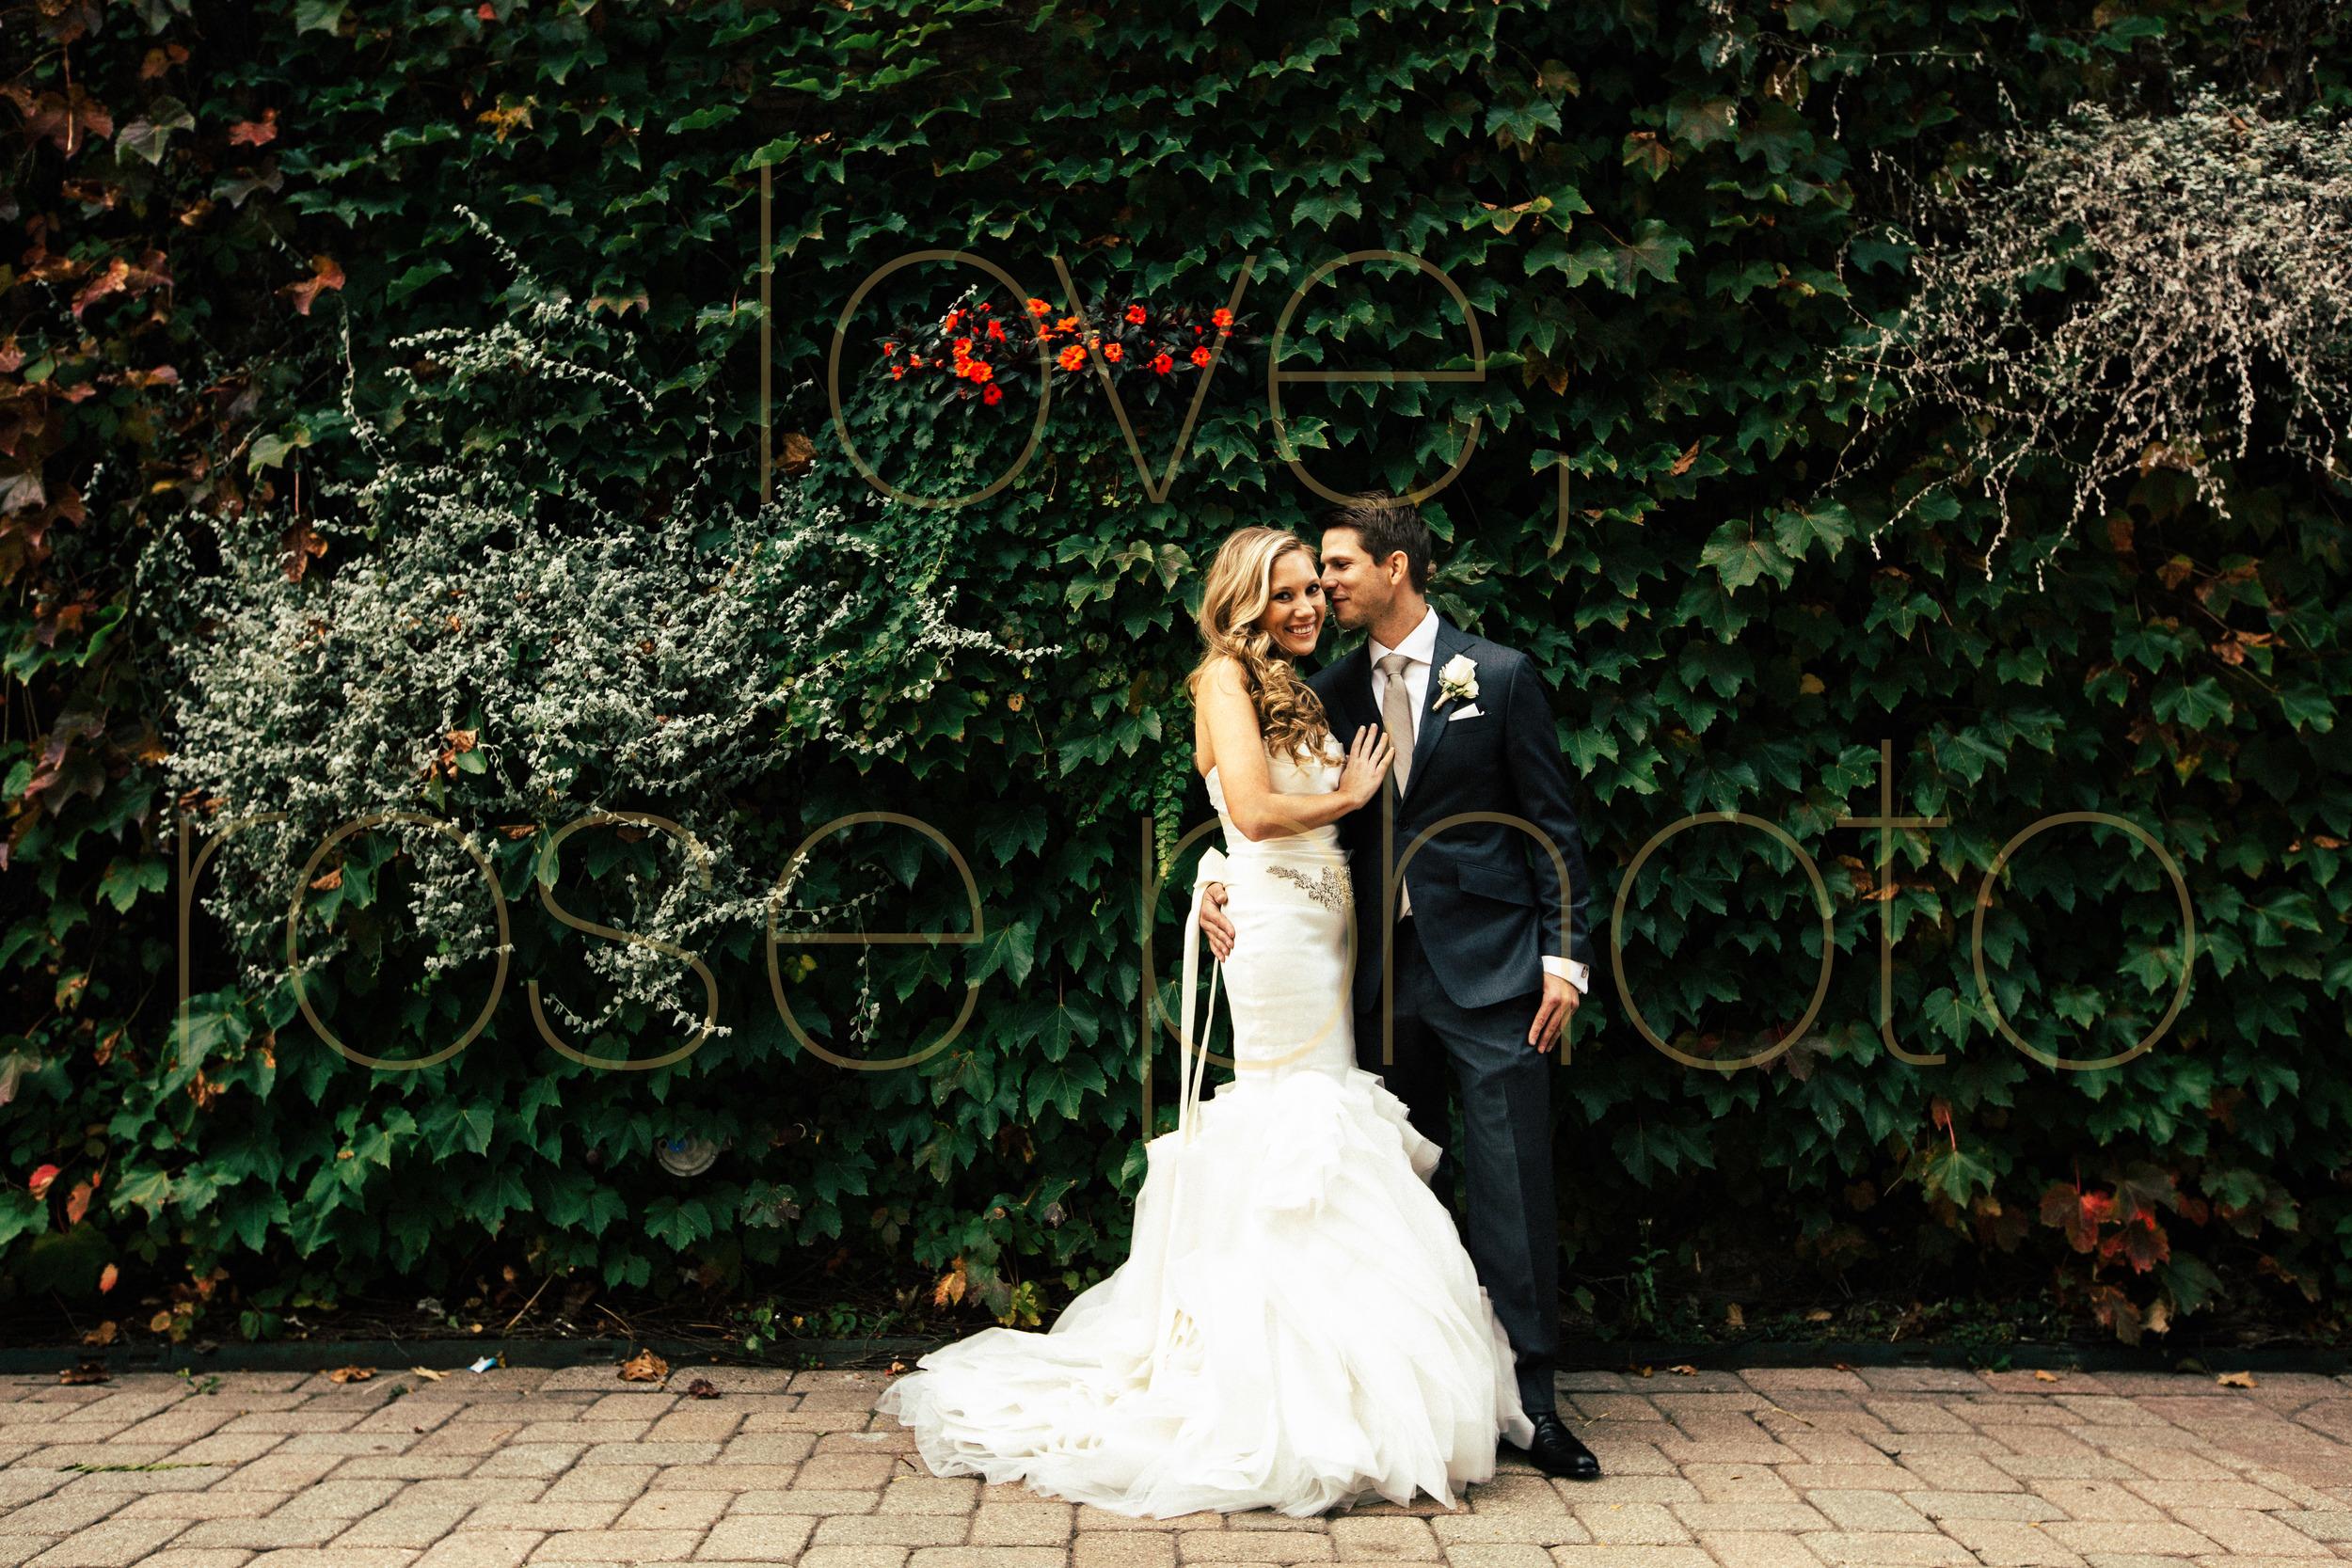 Jodie + Phil Chicago wedding Galleria Marchetti Vera Wang Modern Luxury Brides CS rosegold kinzie street brige -023.jpg